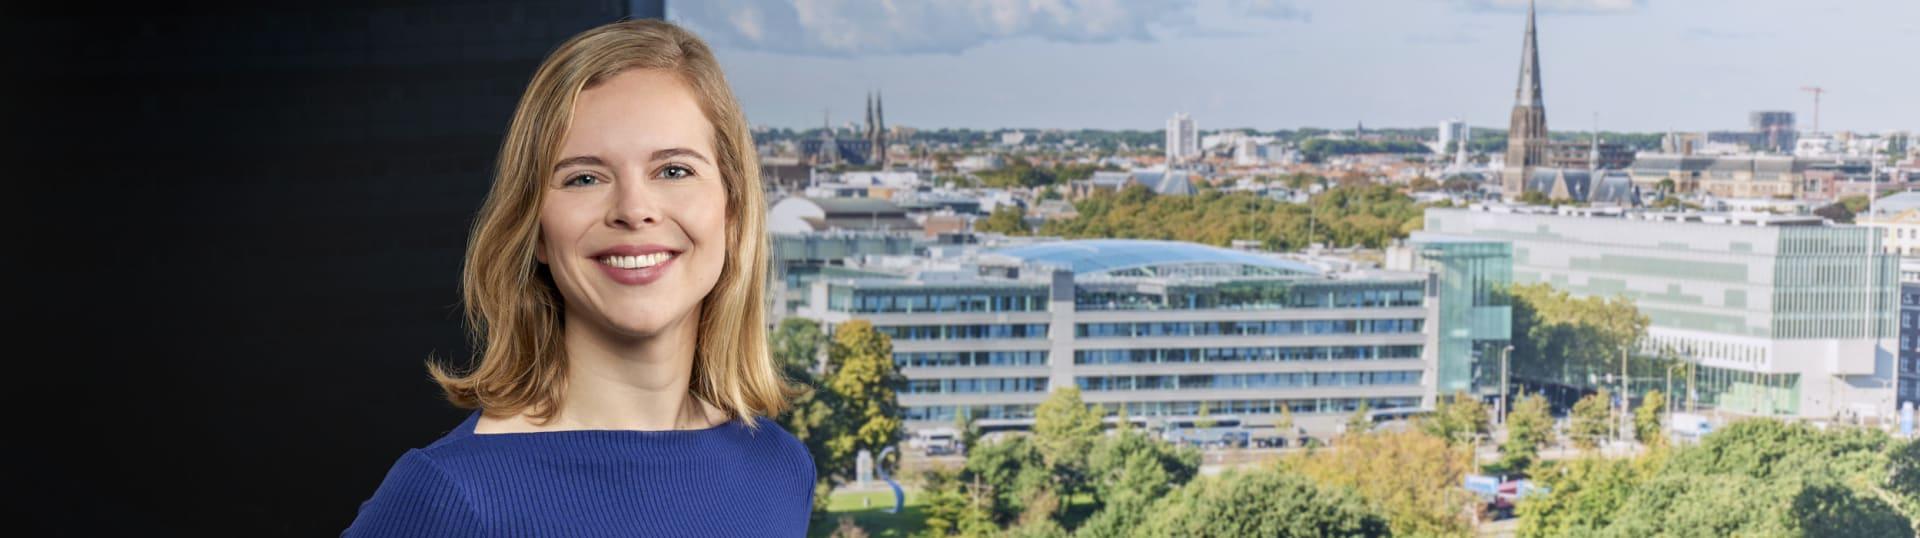 Sanne Jonkheer, advocaat Pels Rijcken